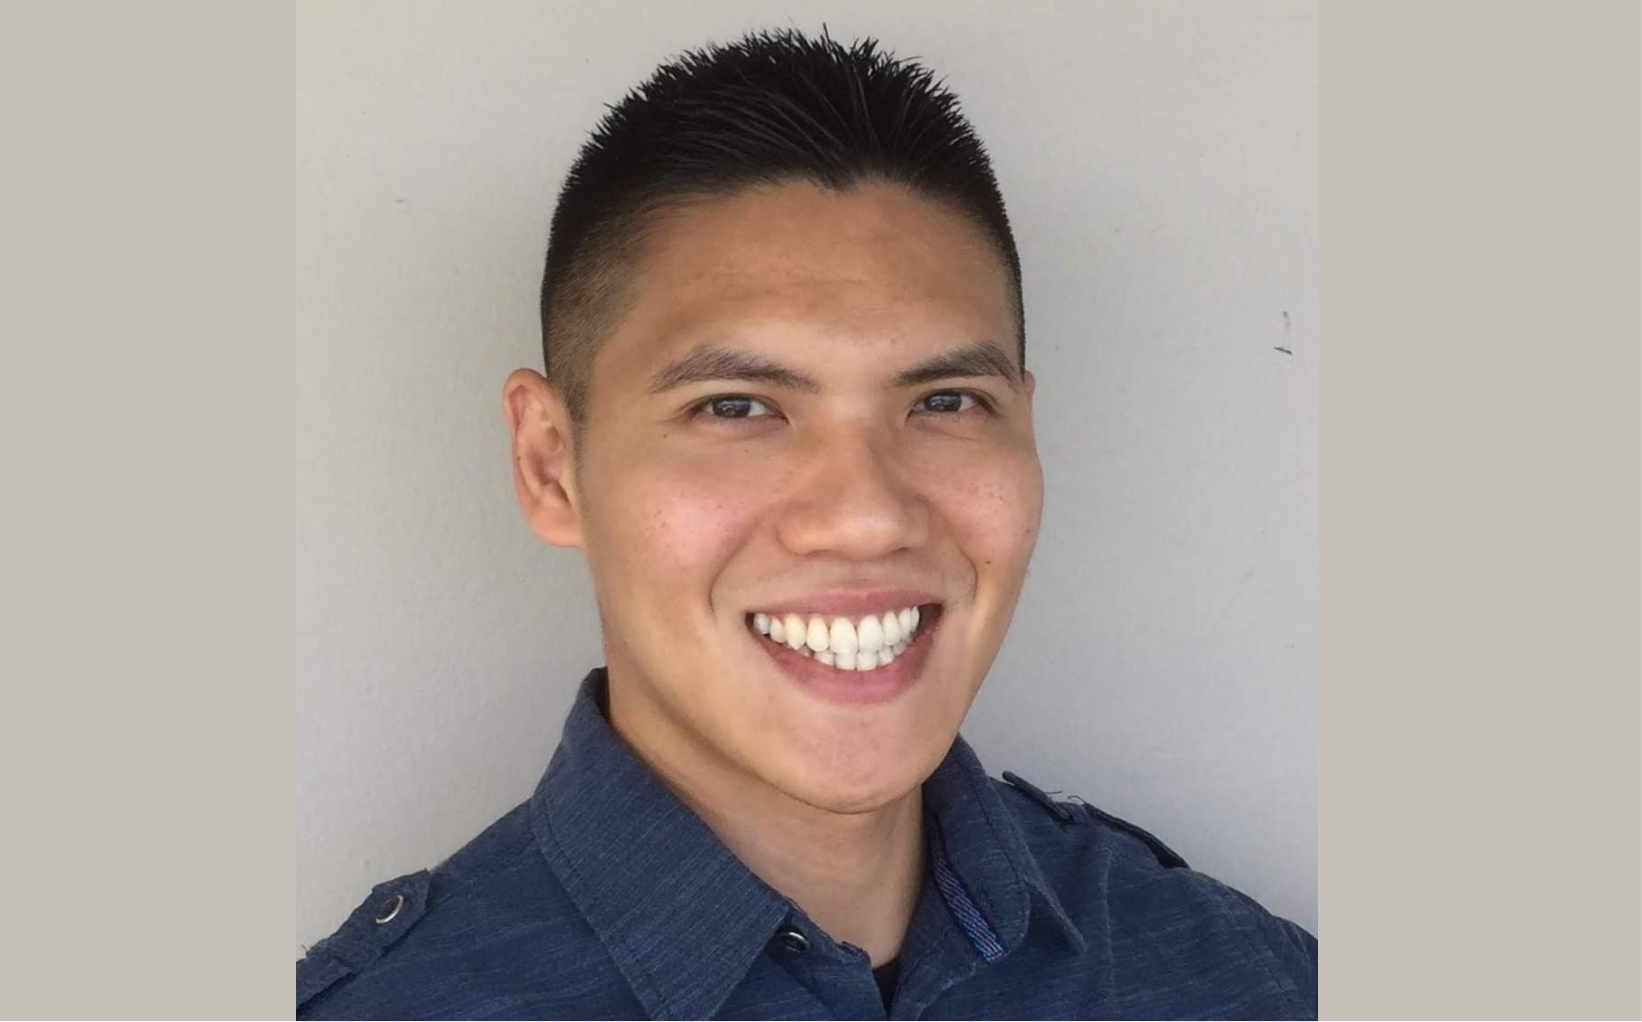 Derek, wearing a navy shirt, smiling to the camera.